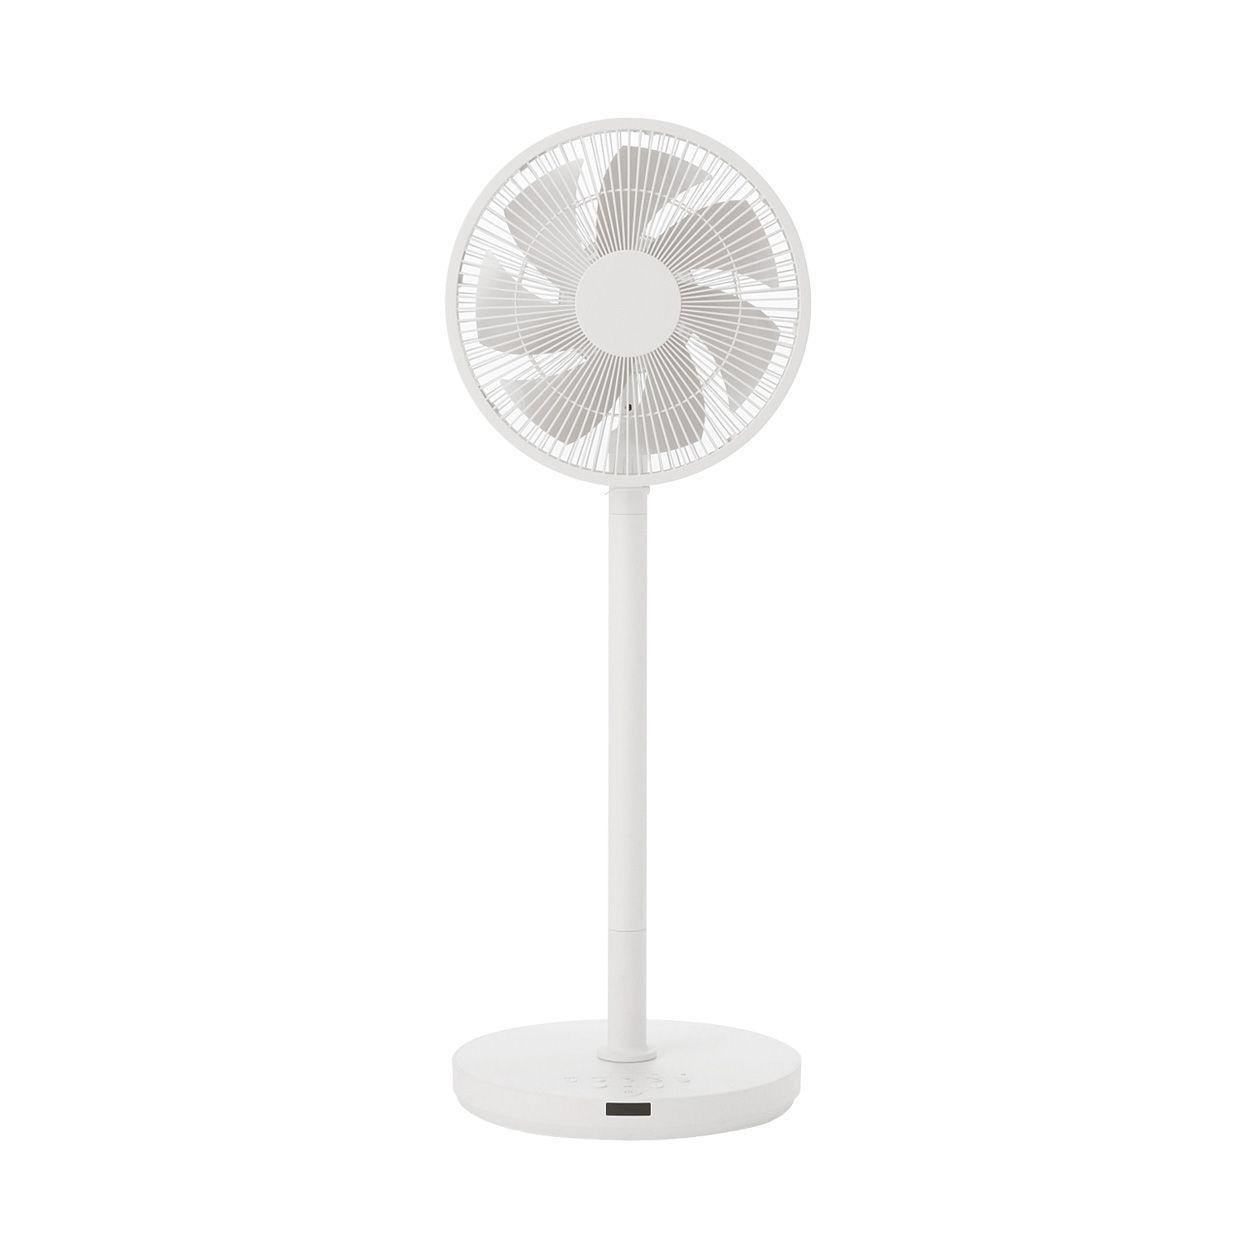 2019年版 おしゃれな扇風機を探してみました 1万円以下のデザインの良いdc扇風機が増えてびっくり 扇風機 部屋 インテリア 無印良品